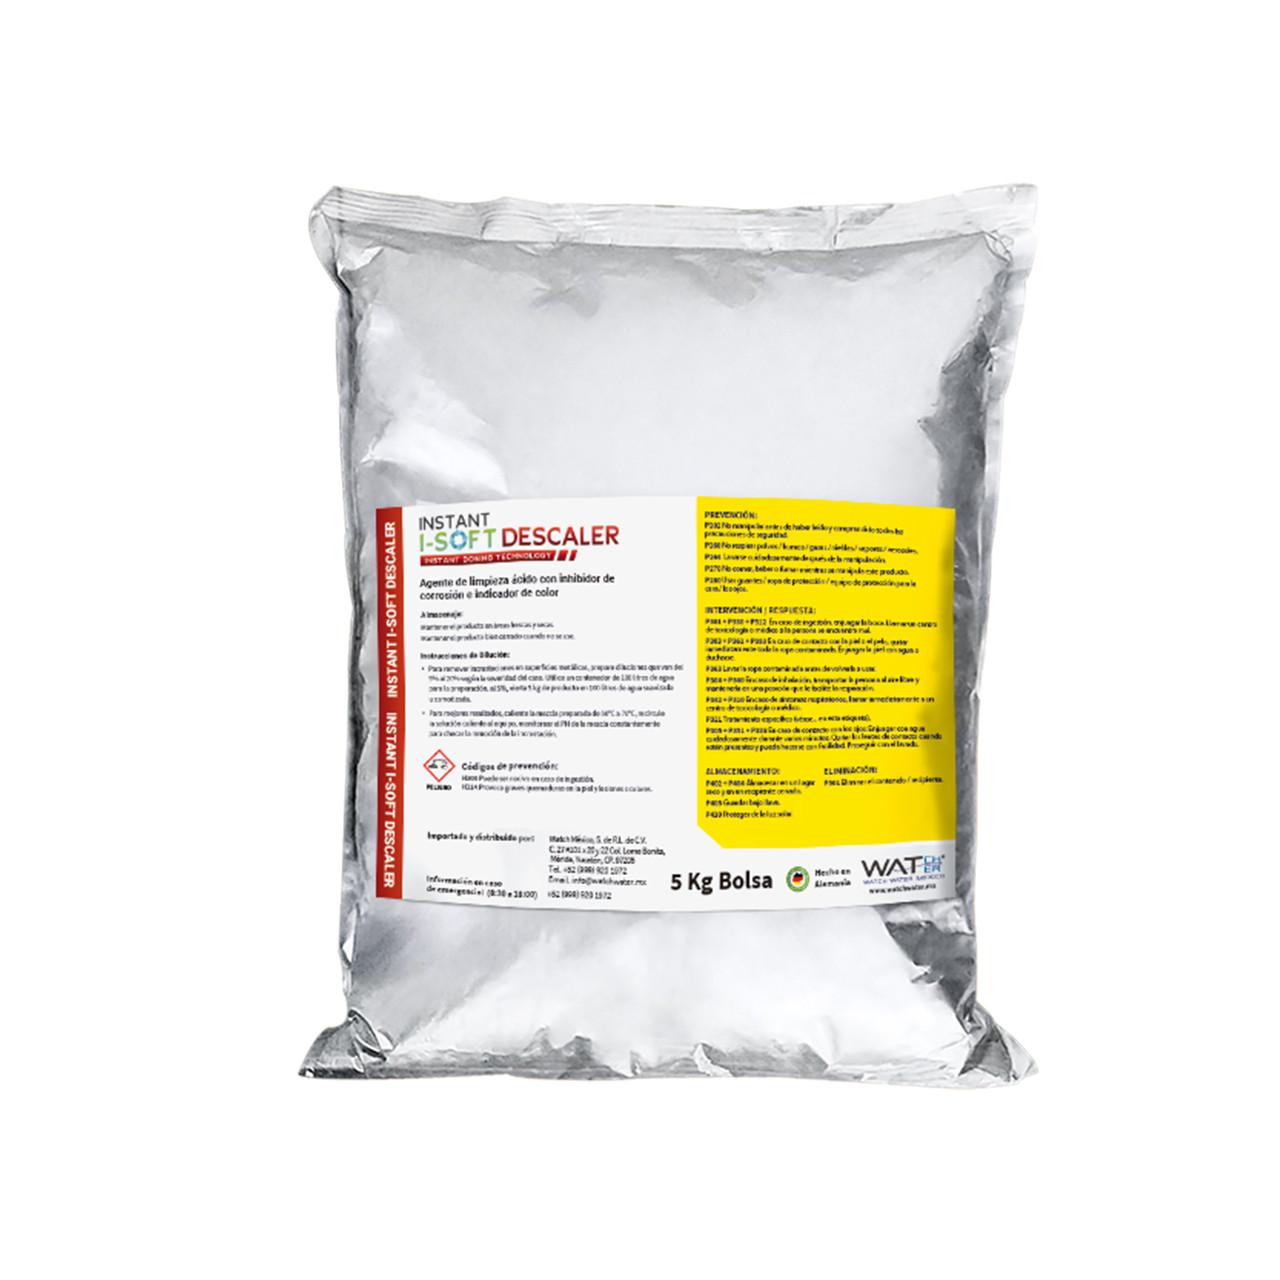 Instant i-soft descaler agente de limpieza de alta capacidad Watch Water